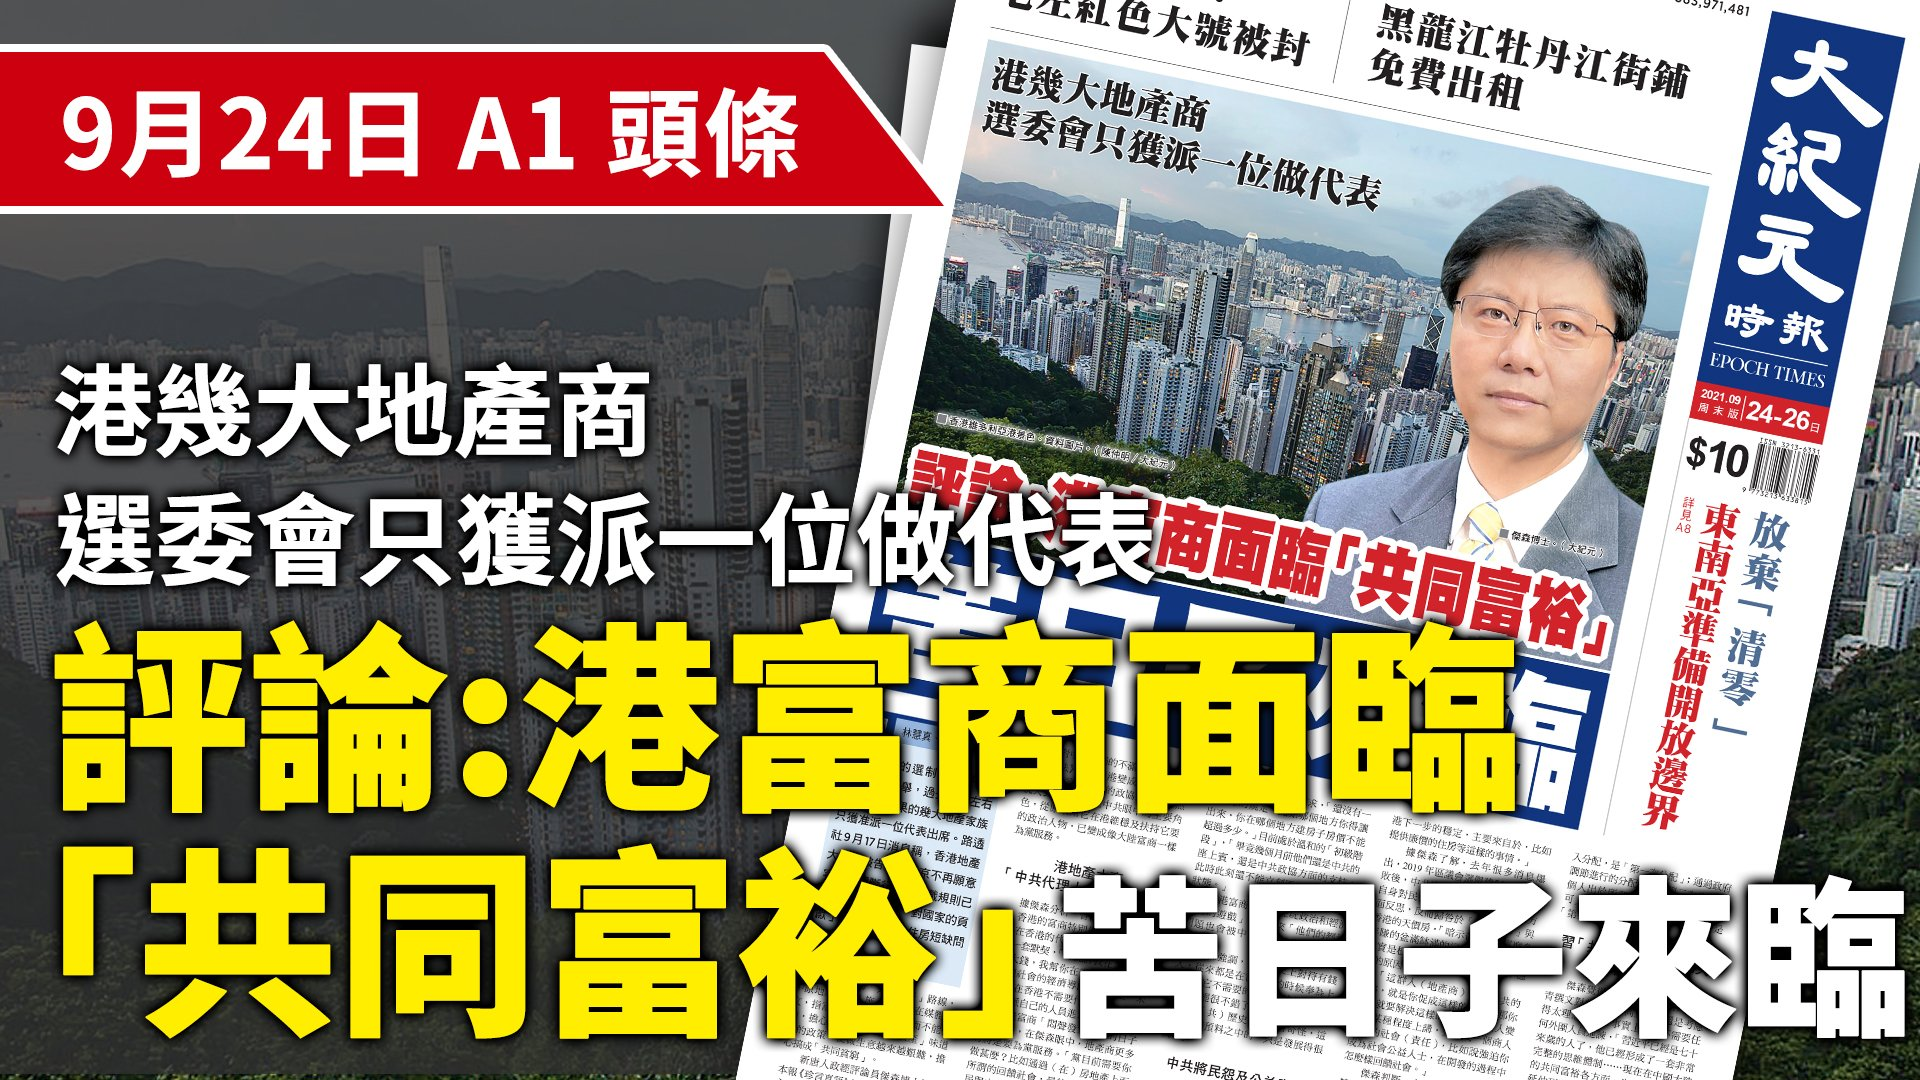 傑森博士。(大紀元)、香港維多利亞港景色。資料圖片。(陳仲明/大紀元)